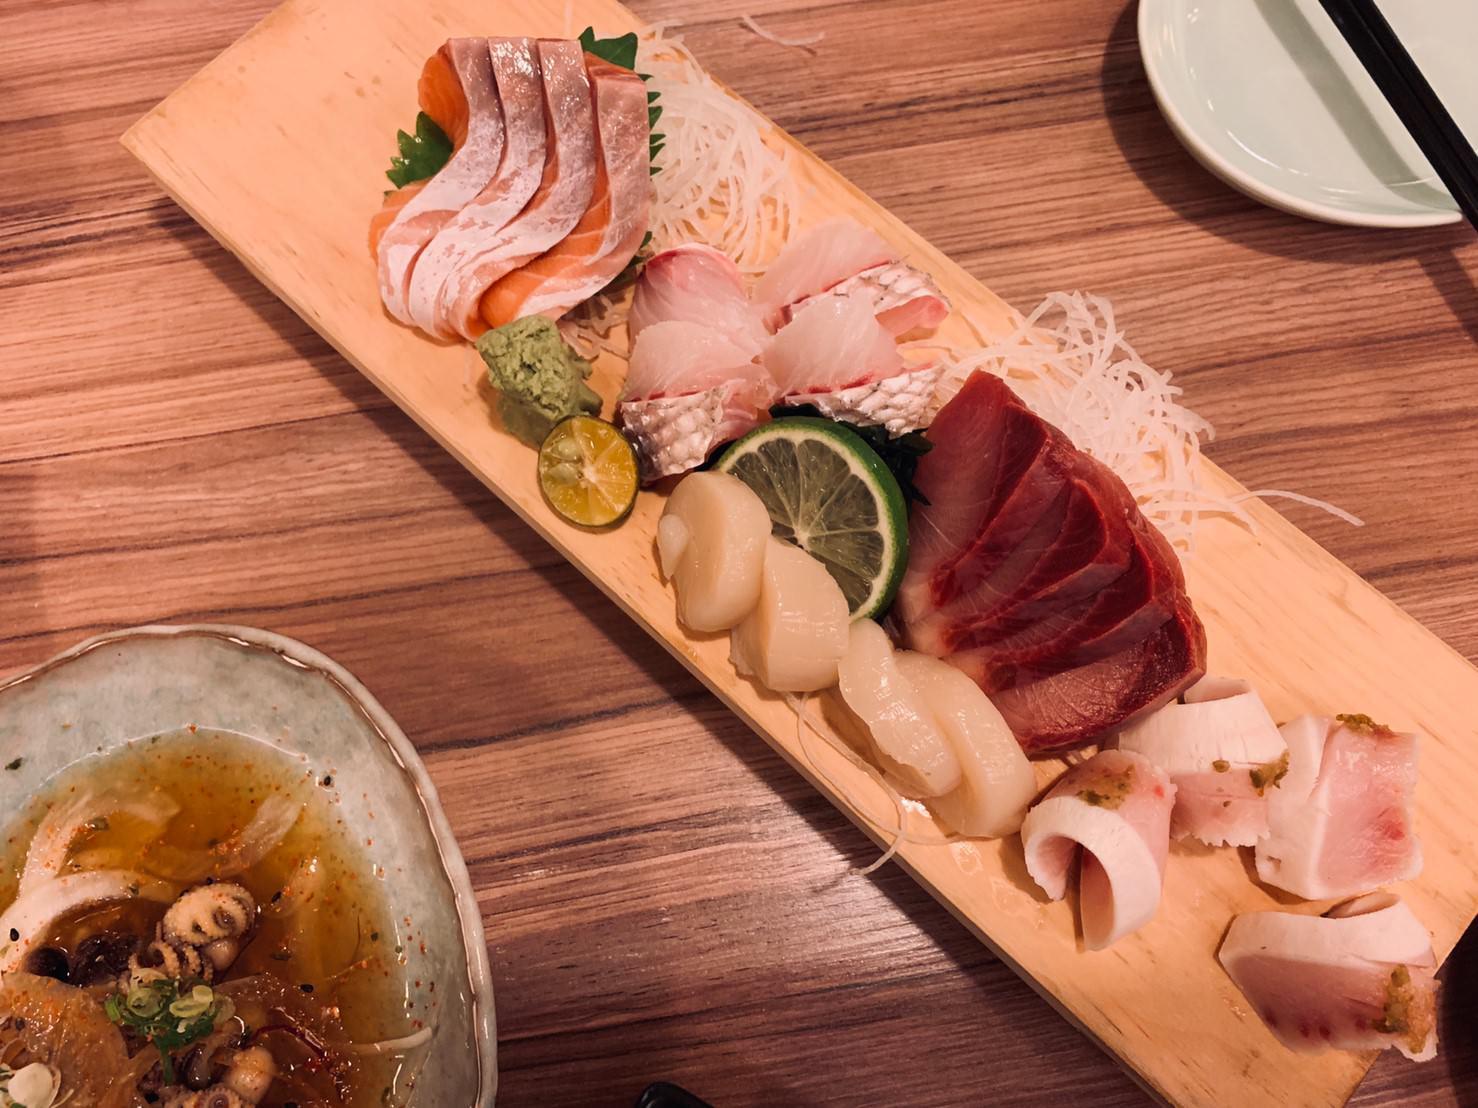 台北無菜單料理 :: 小六食堂 媲美懷石料理的匠藝之心!每人800元吃到真材實料